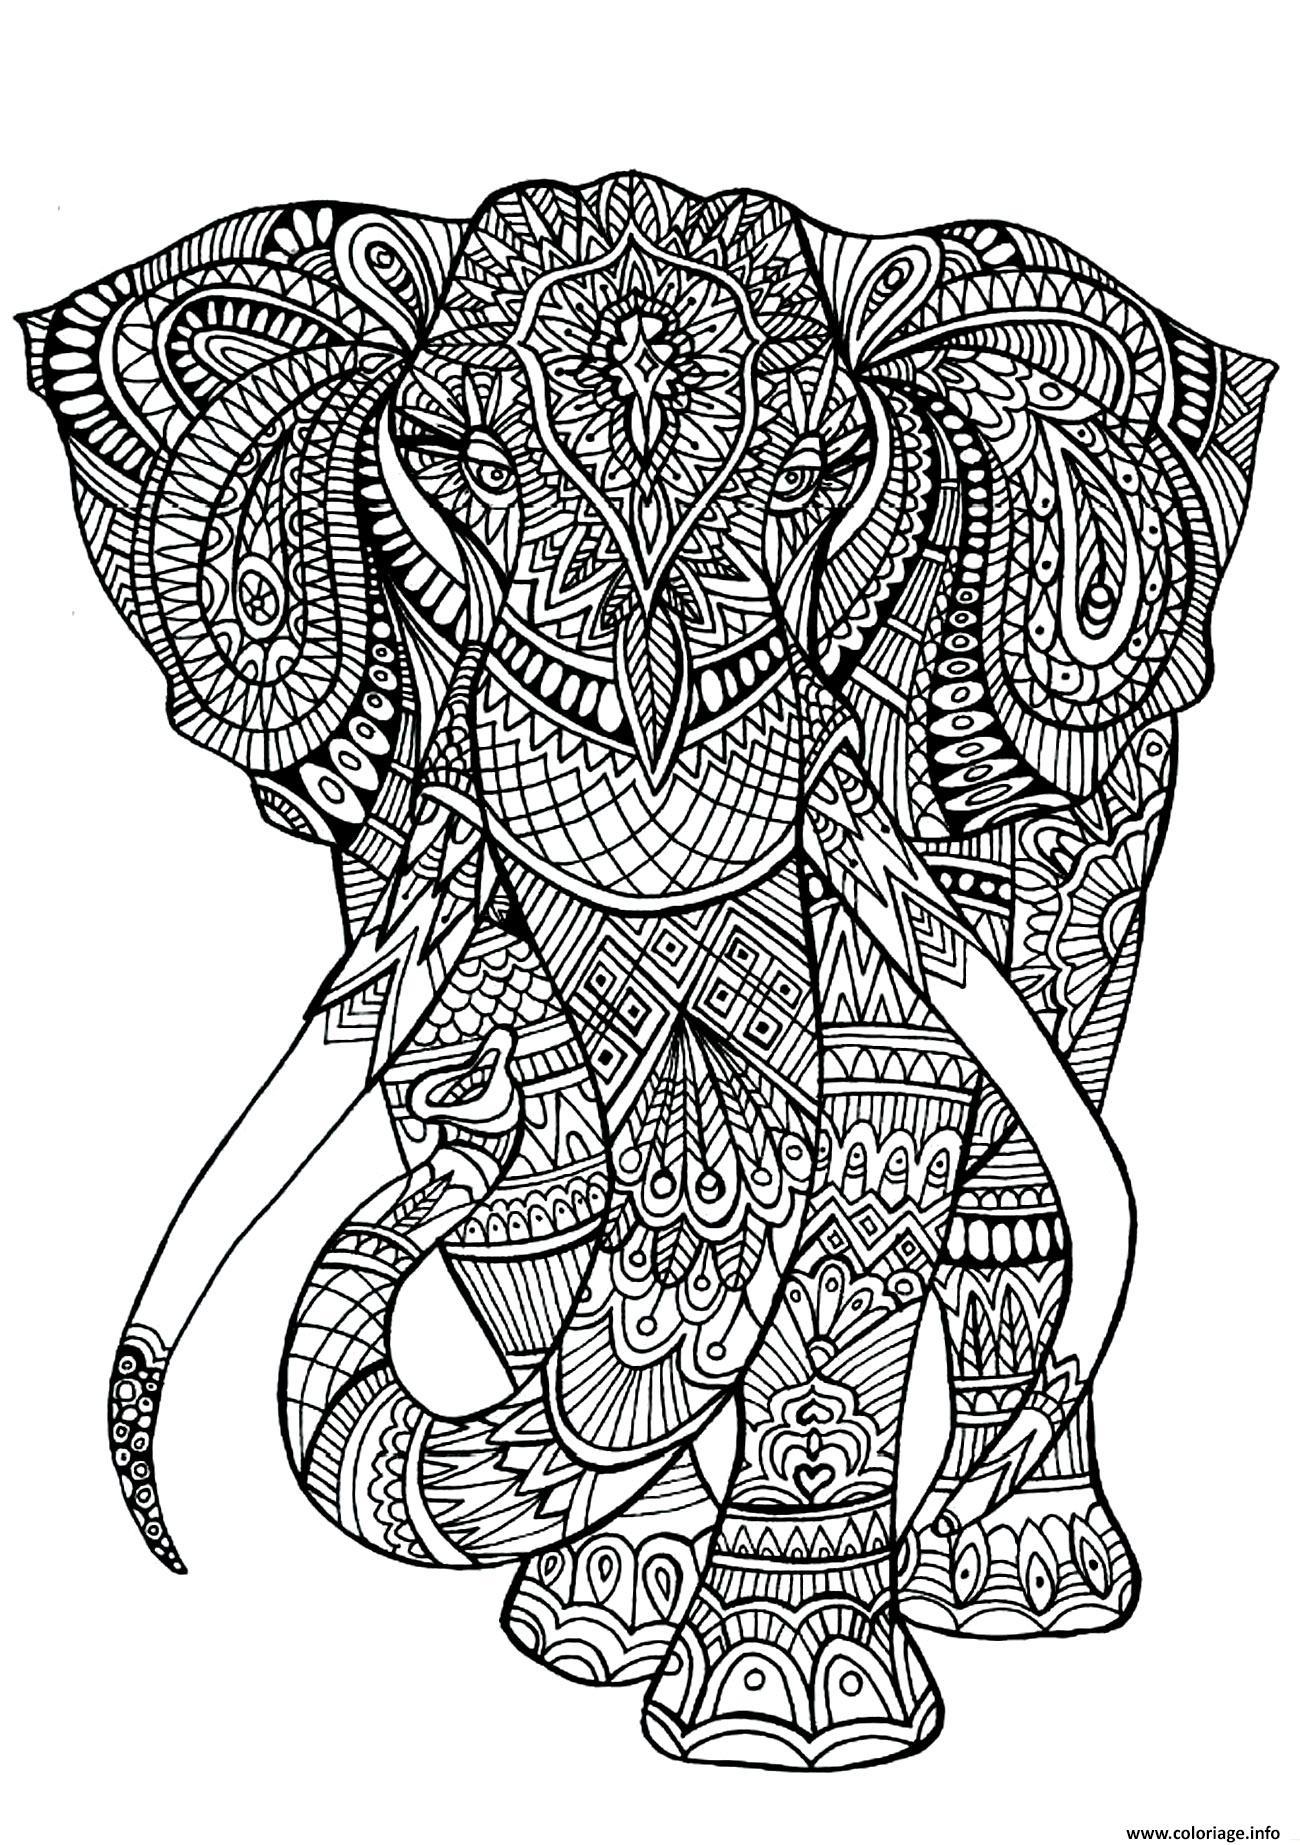 Coloriage Adulte Anima Gros Elephant dessin